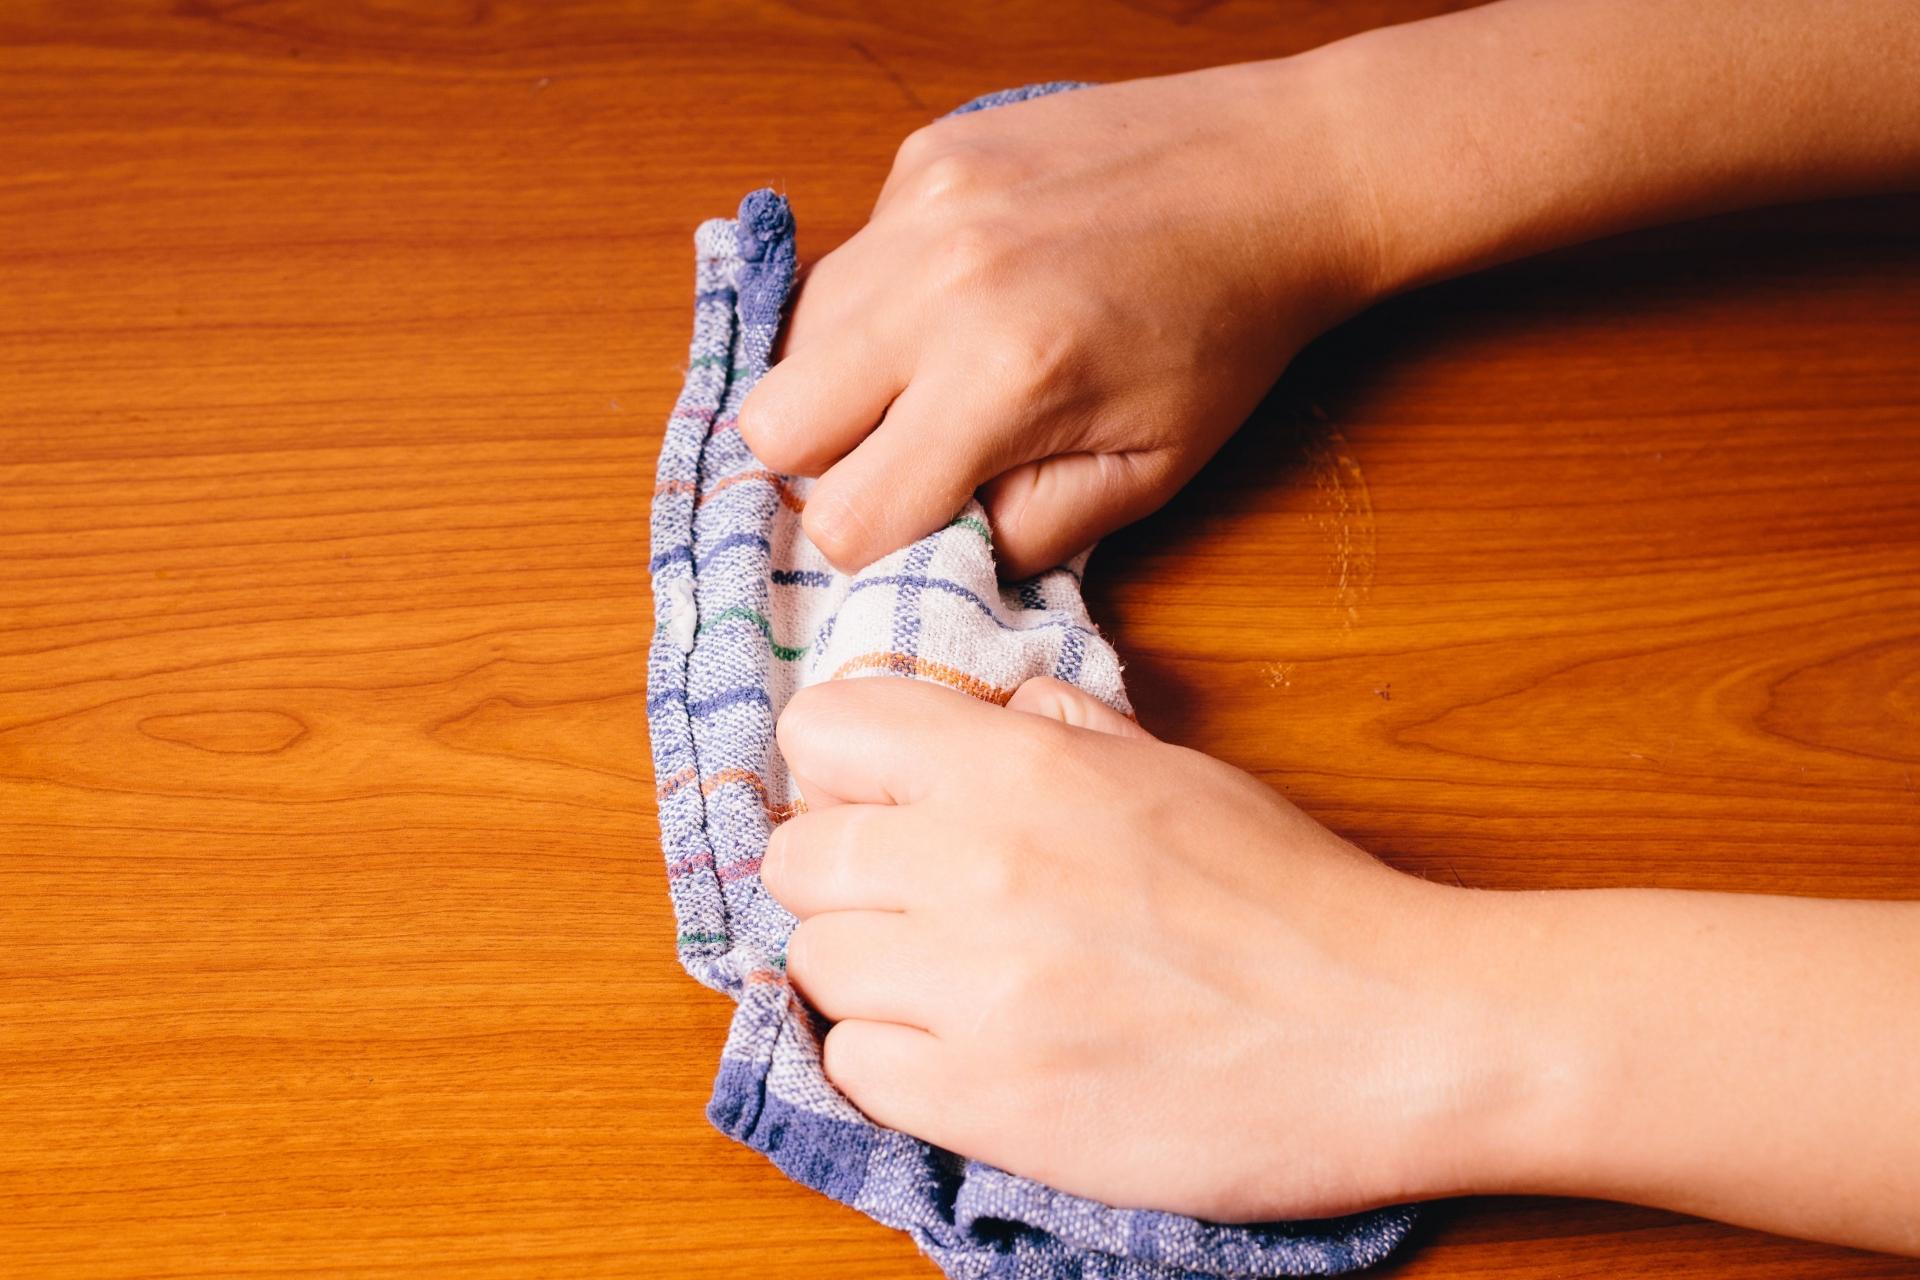 壁のヤニ汚れには セスキ その効果と掃除方法について解説 掃除